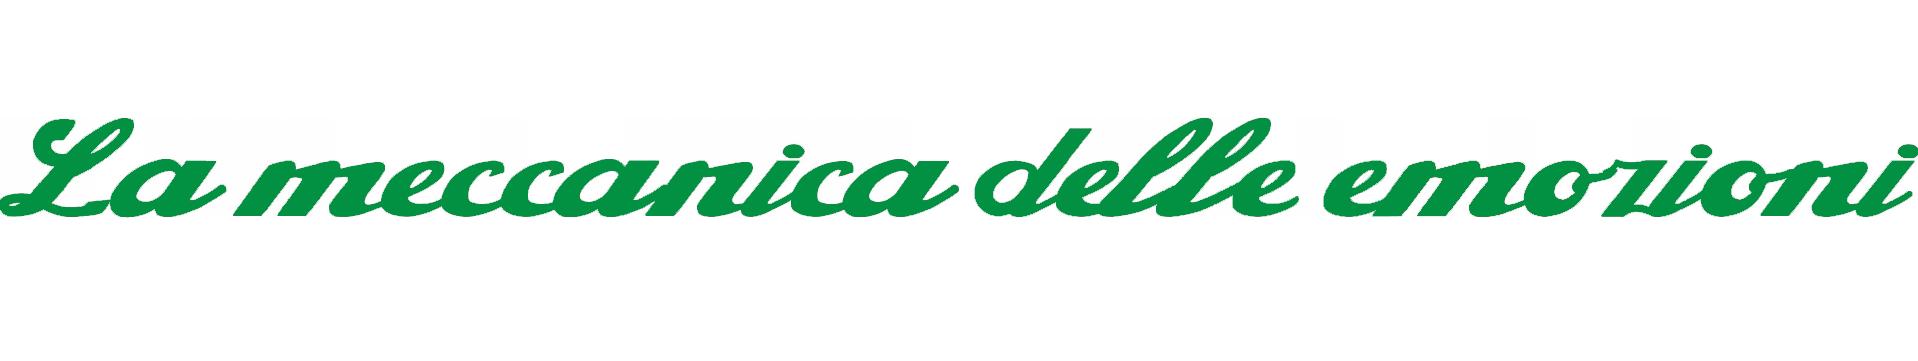 la_meccanica_delle_emozioni_zielona.png